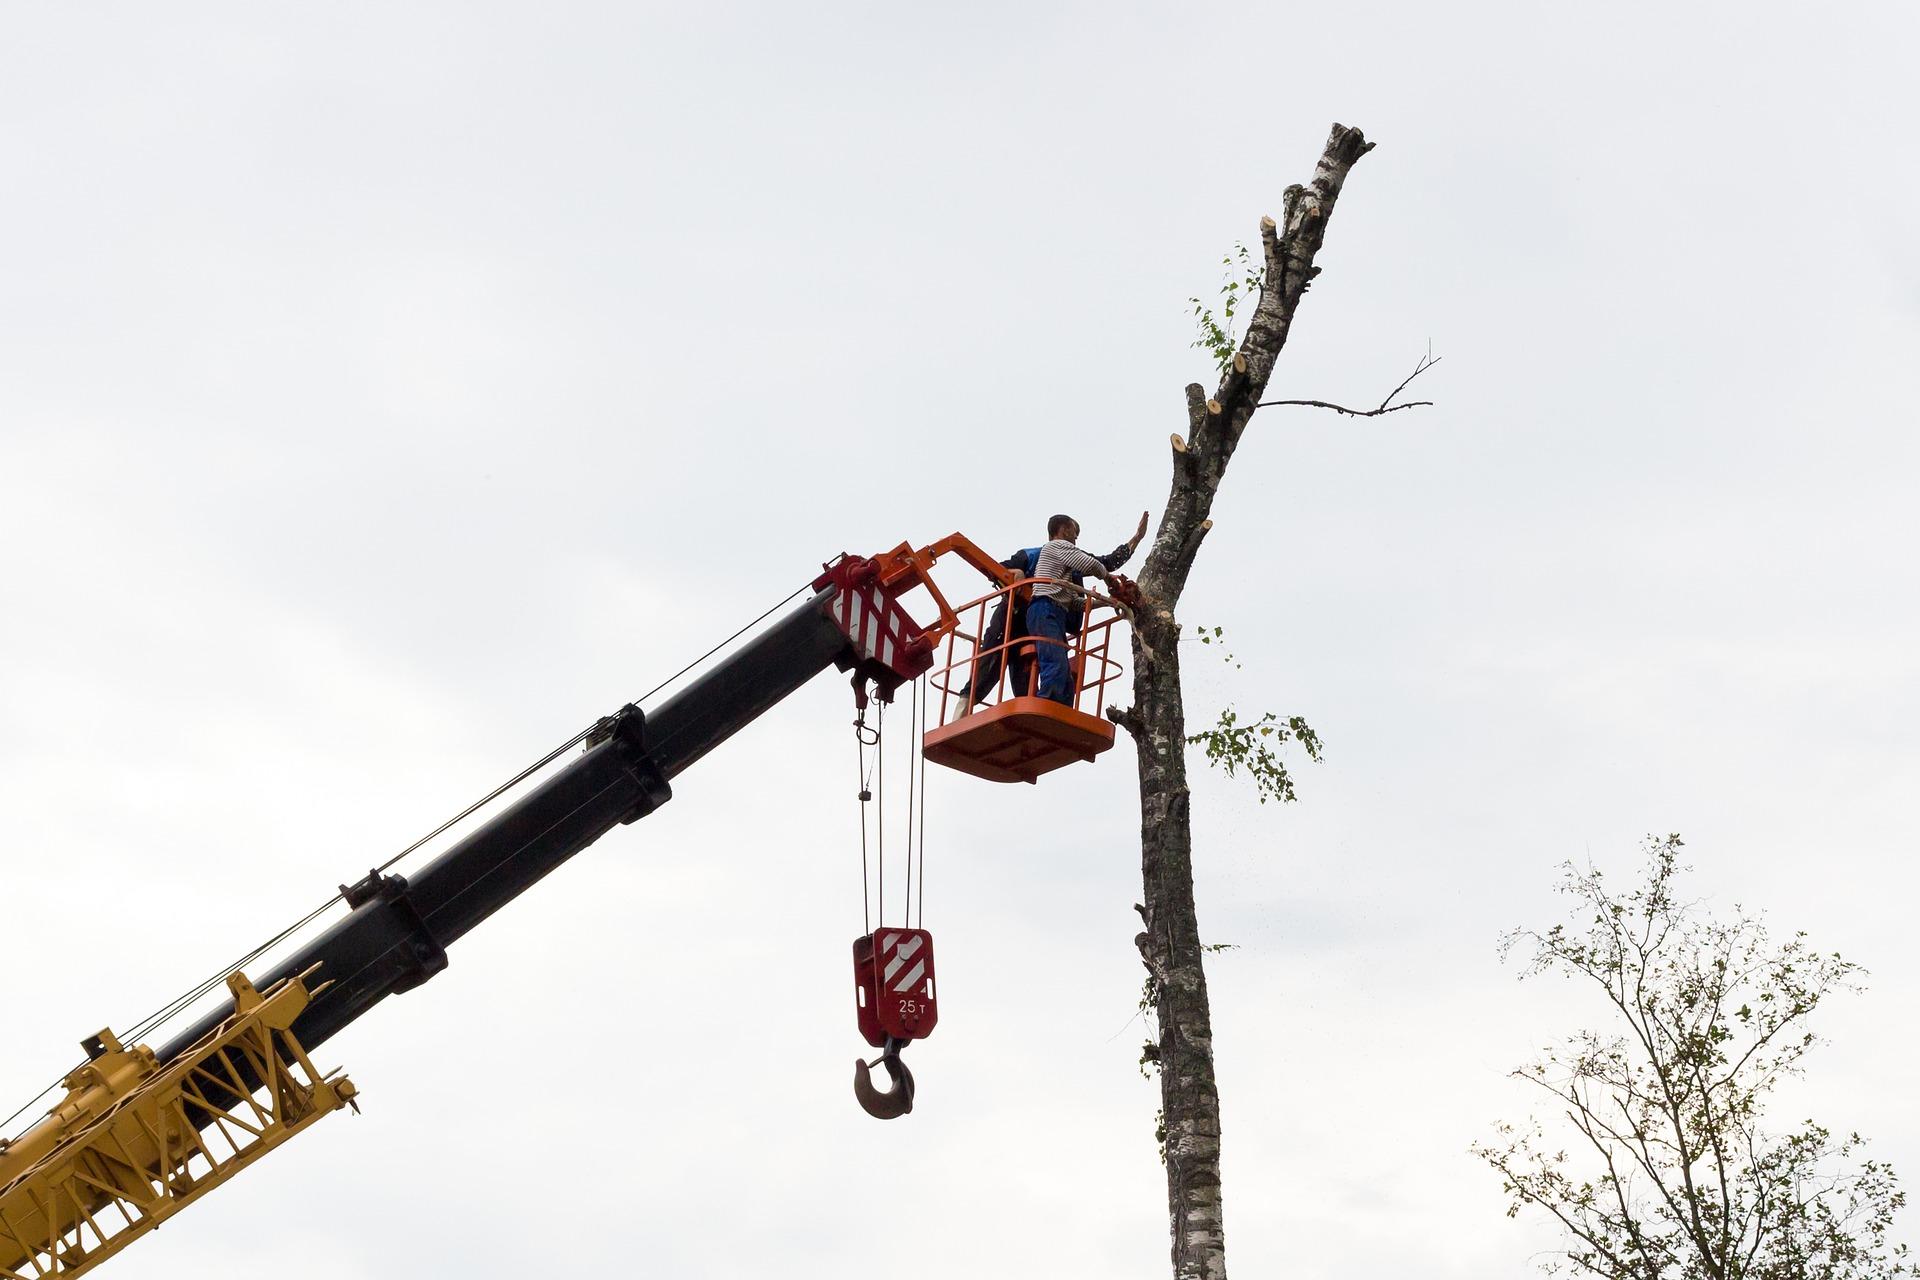 ścinanie drzewa na żurawiu leśnym